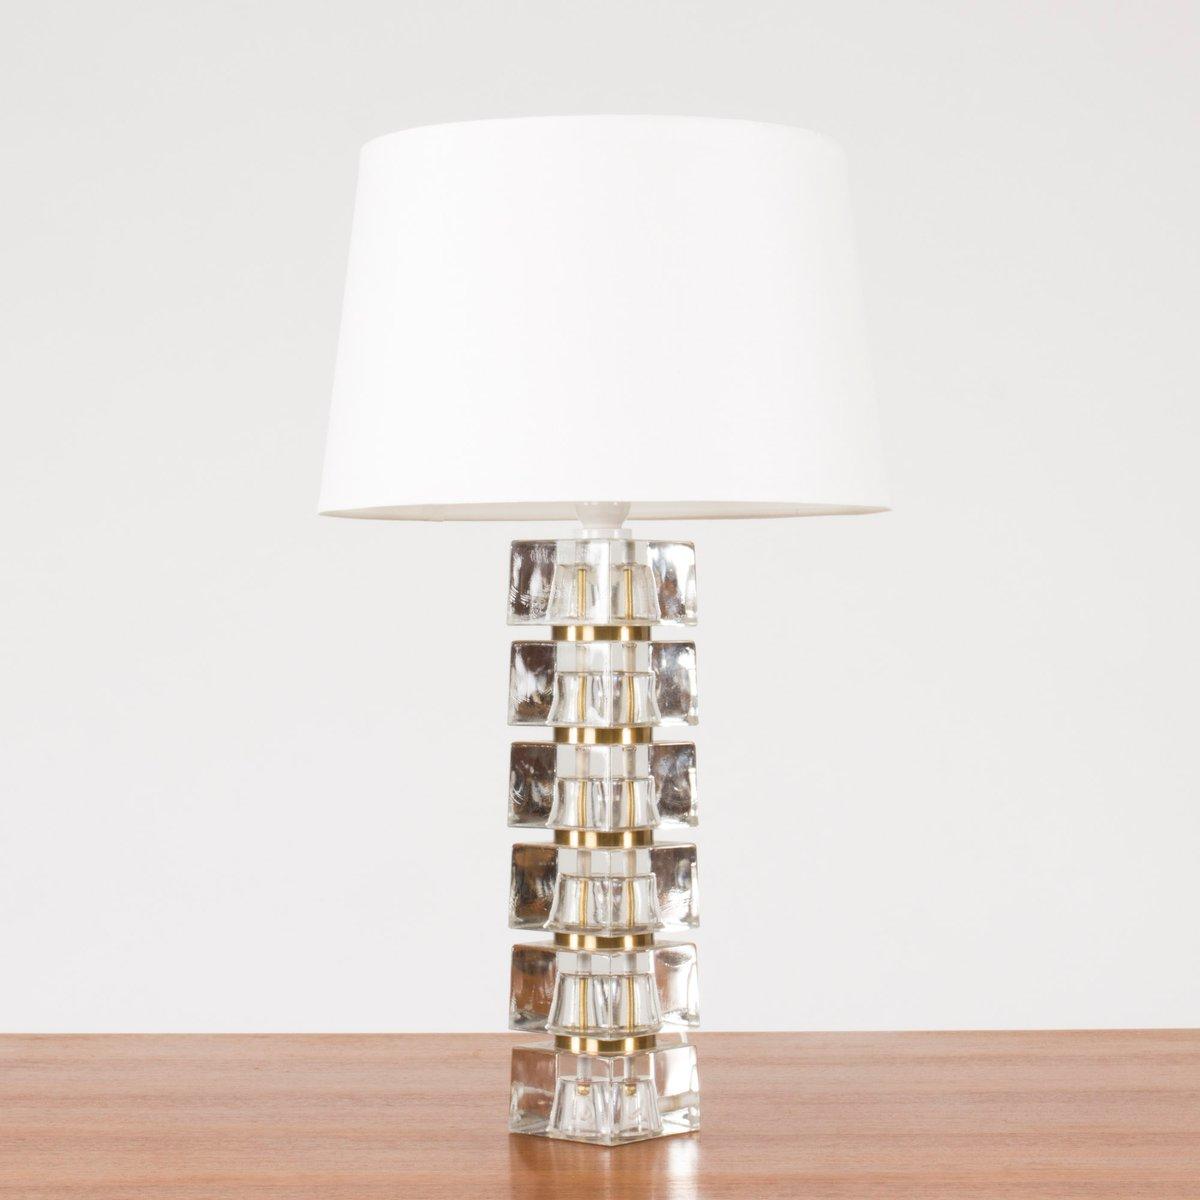 Wunderbar Tischlampe Glasfuß Beste Wahl Schwedische Mit Glasfuß, 1960er